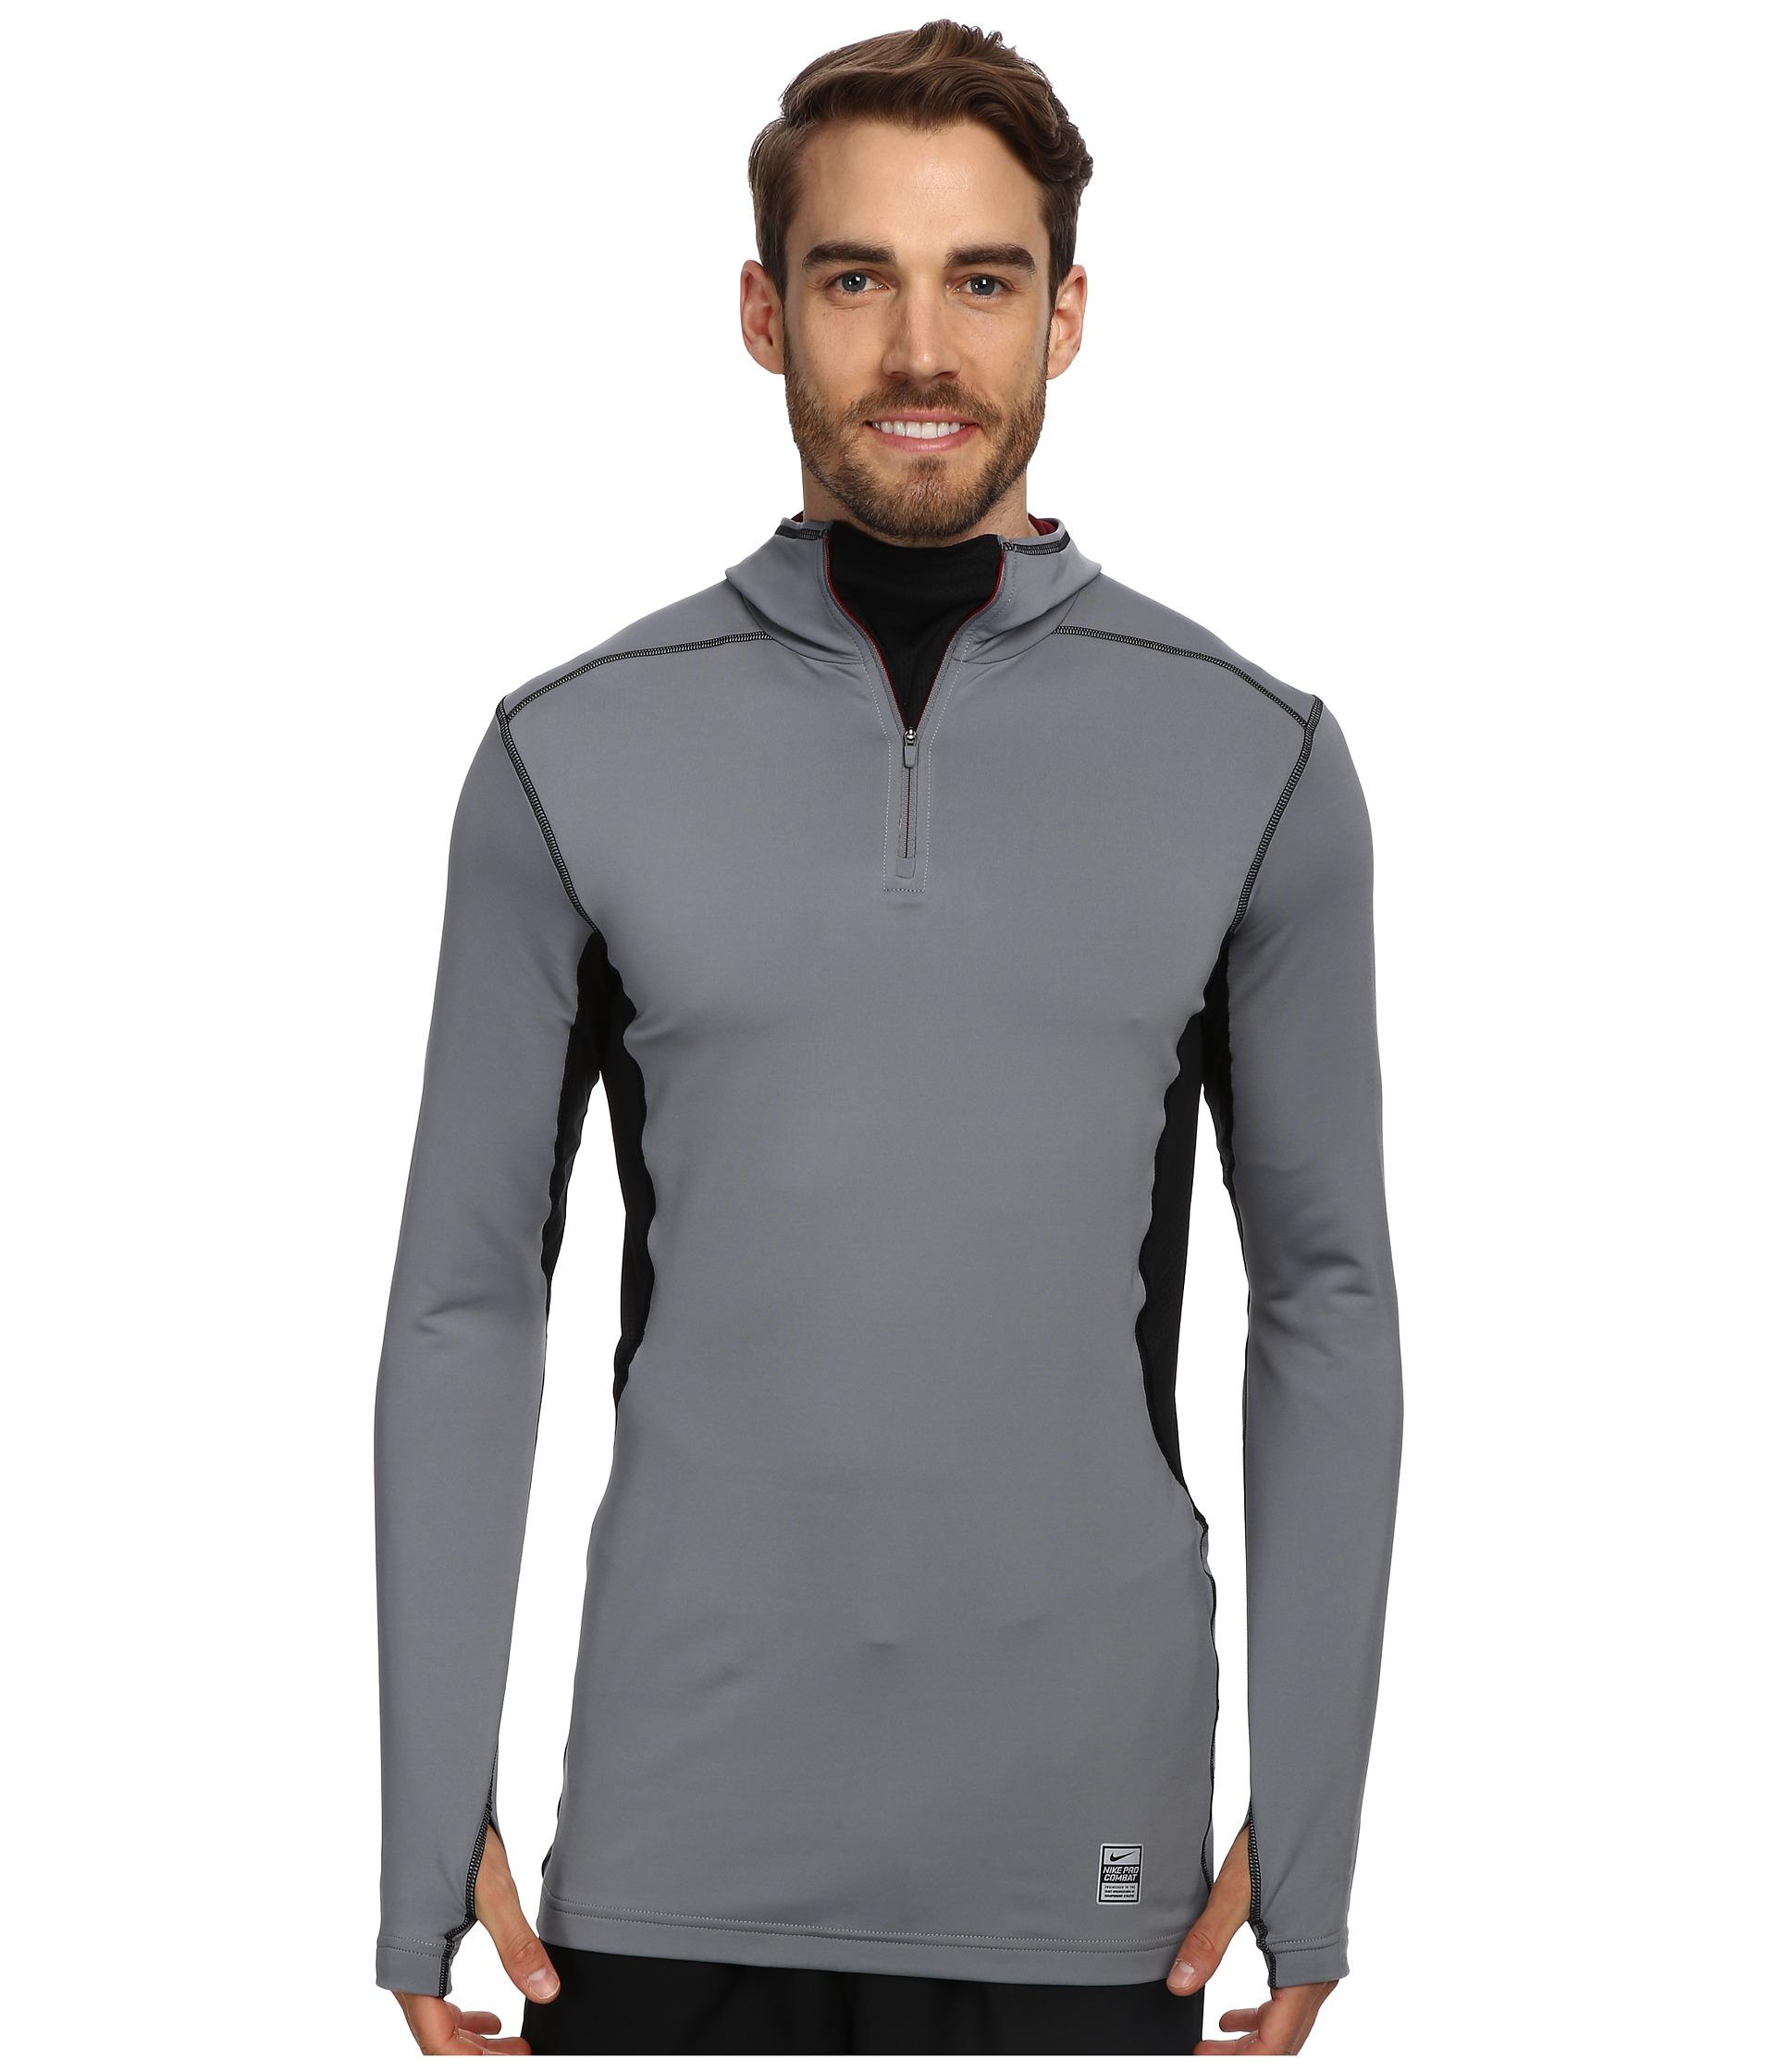 Nike Hyperwarm Dri-Fit  Max Quarter-Zip Hoodie $44.99 (50% off MSRP $90.00